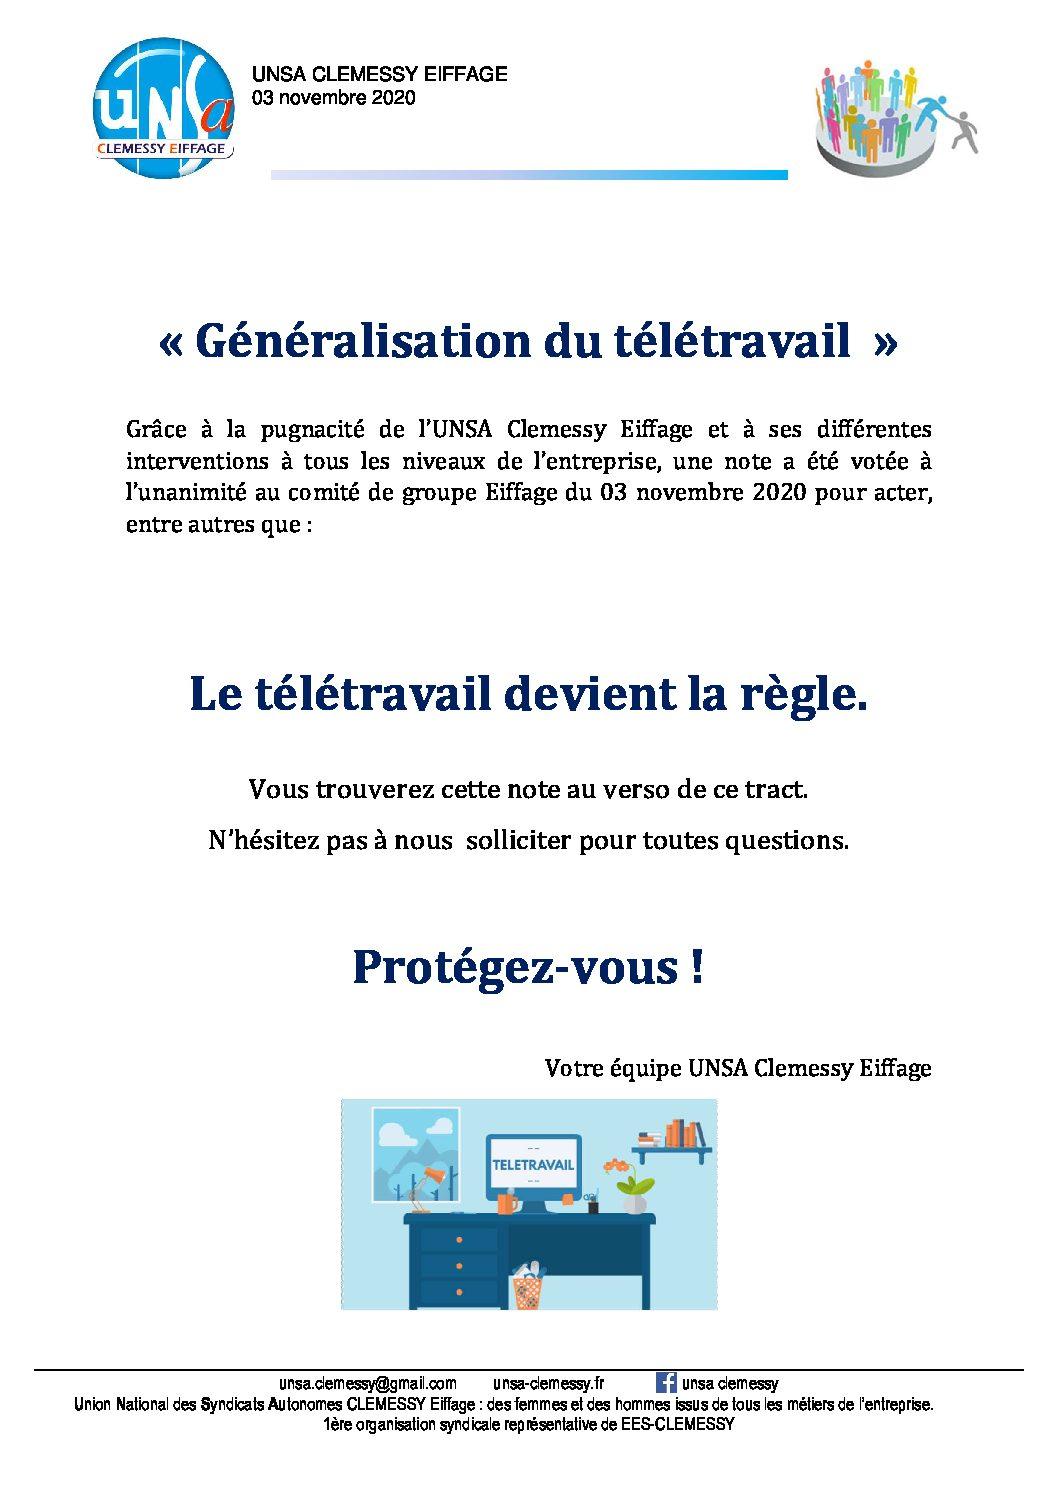 2020-11-04-Comite Groupe Eiffage télétravail